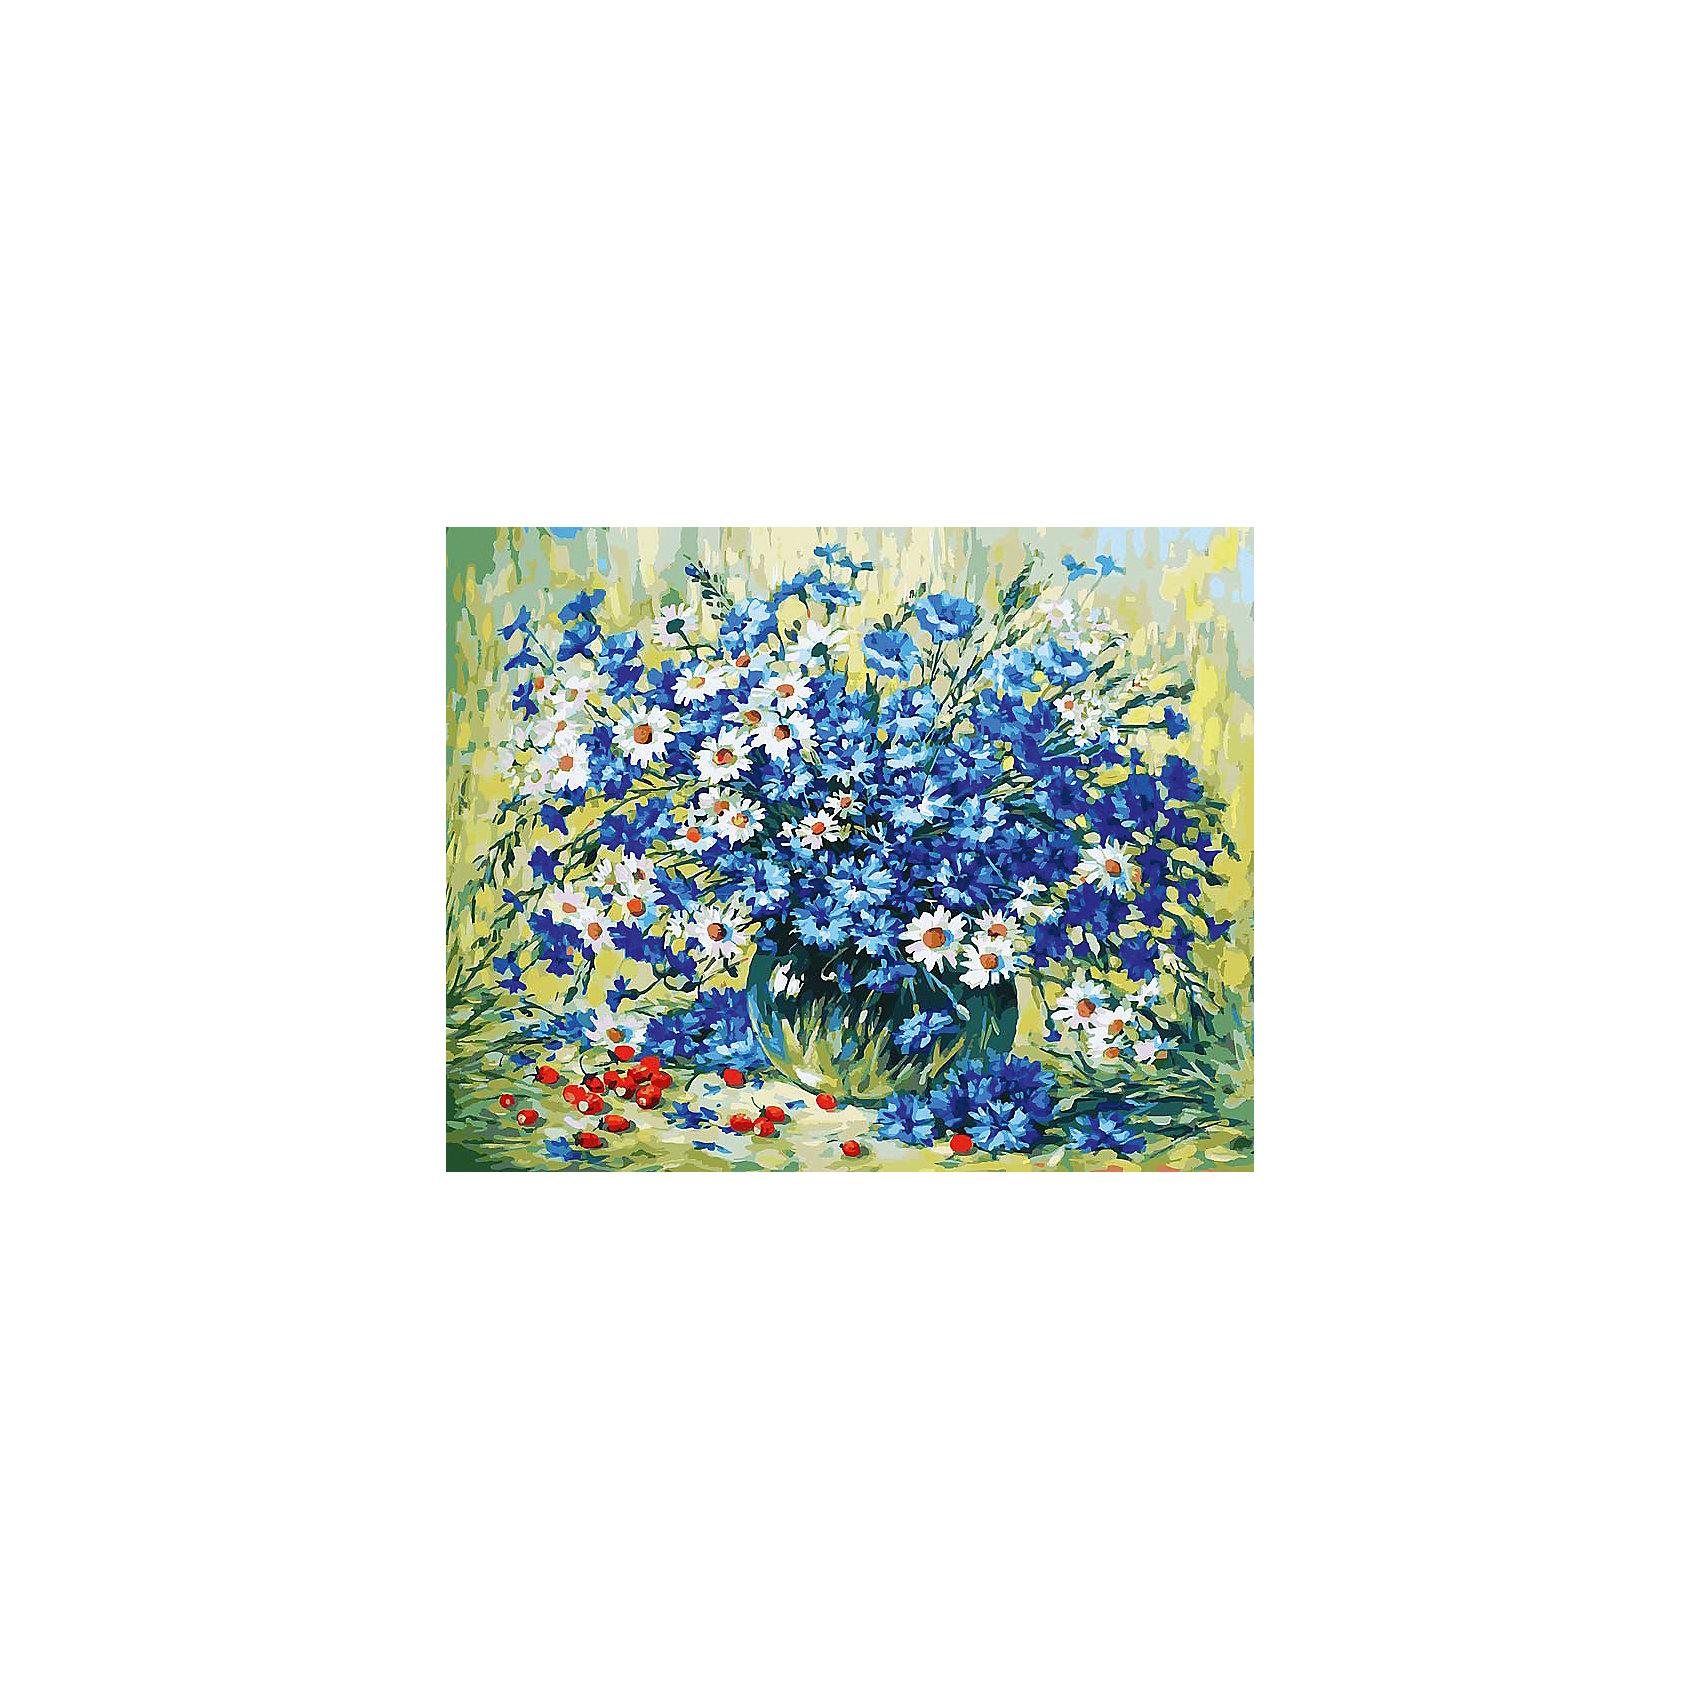 Живопись на холсте 40*50 см Летний натюрмортРаскраски по номерам<br>Характеристики товара:<br><br>• цвет: разноцветный<br>• материал: акрил, картон<br>• размер: 50 x 40 см<br>• комплектация: полотно на подрамнике с контурами рисунка, пробный лист с рисунком, набор акриловых красок, три кисти, крепление на стену для картины<br>• для детей от шести лет и взрослых<br>• не требует специальных навыков<br>• страна бренда: Китай<br>• страна изготовитель: Китай<br><br>Думаете, какой подарок выбрать к празднику? Рисование - это занятие, которое любят многие дети и взрослые. Оно помогает развить различные навыки и просто приносит удовольствие! Чтобы вселить в ребенка уверенность в своих силах, можно предложить ему этот набор - в нем уже есть сюжет, контуры рисунка и участки с номерами, которые обозначают определенную краску из набора. Все оттенки уже готовы, задача художника - аккуратно, с помощью кисточек из набора, нанести краски на определенный участок полотна.<br>Взрослым также понравится этот процесс, рисовать можно и вместе с малышом! В итоге получается красивая картина, которой можно украсить интерьер. Рисование способствует развитию мелкой моторики, воображения, цветовосприятия, творческих способностей и усидчивости. Набор отлично проработан, сделан из качественных и проверенных материалов, которые безопасны для детей. Краски - акриловые, они быстро сохнут и легко смываются с кожи.<br><br>Живопись на холсте 40*50 см Летний натюрморт от торговой марки Белоснежка можно купить в нашем интернет-магазине.<br><br>Ширина мм: 510<br>Глубина мм: 410<br>Высота мм: 25<br>Вес г: 850<br>Возраст от месяцев: 72<br>Возраст до месяцев: 144<br>Пол: Унисекс<br>Возраст: Детский<br>SKU: 5089717